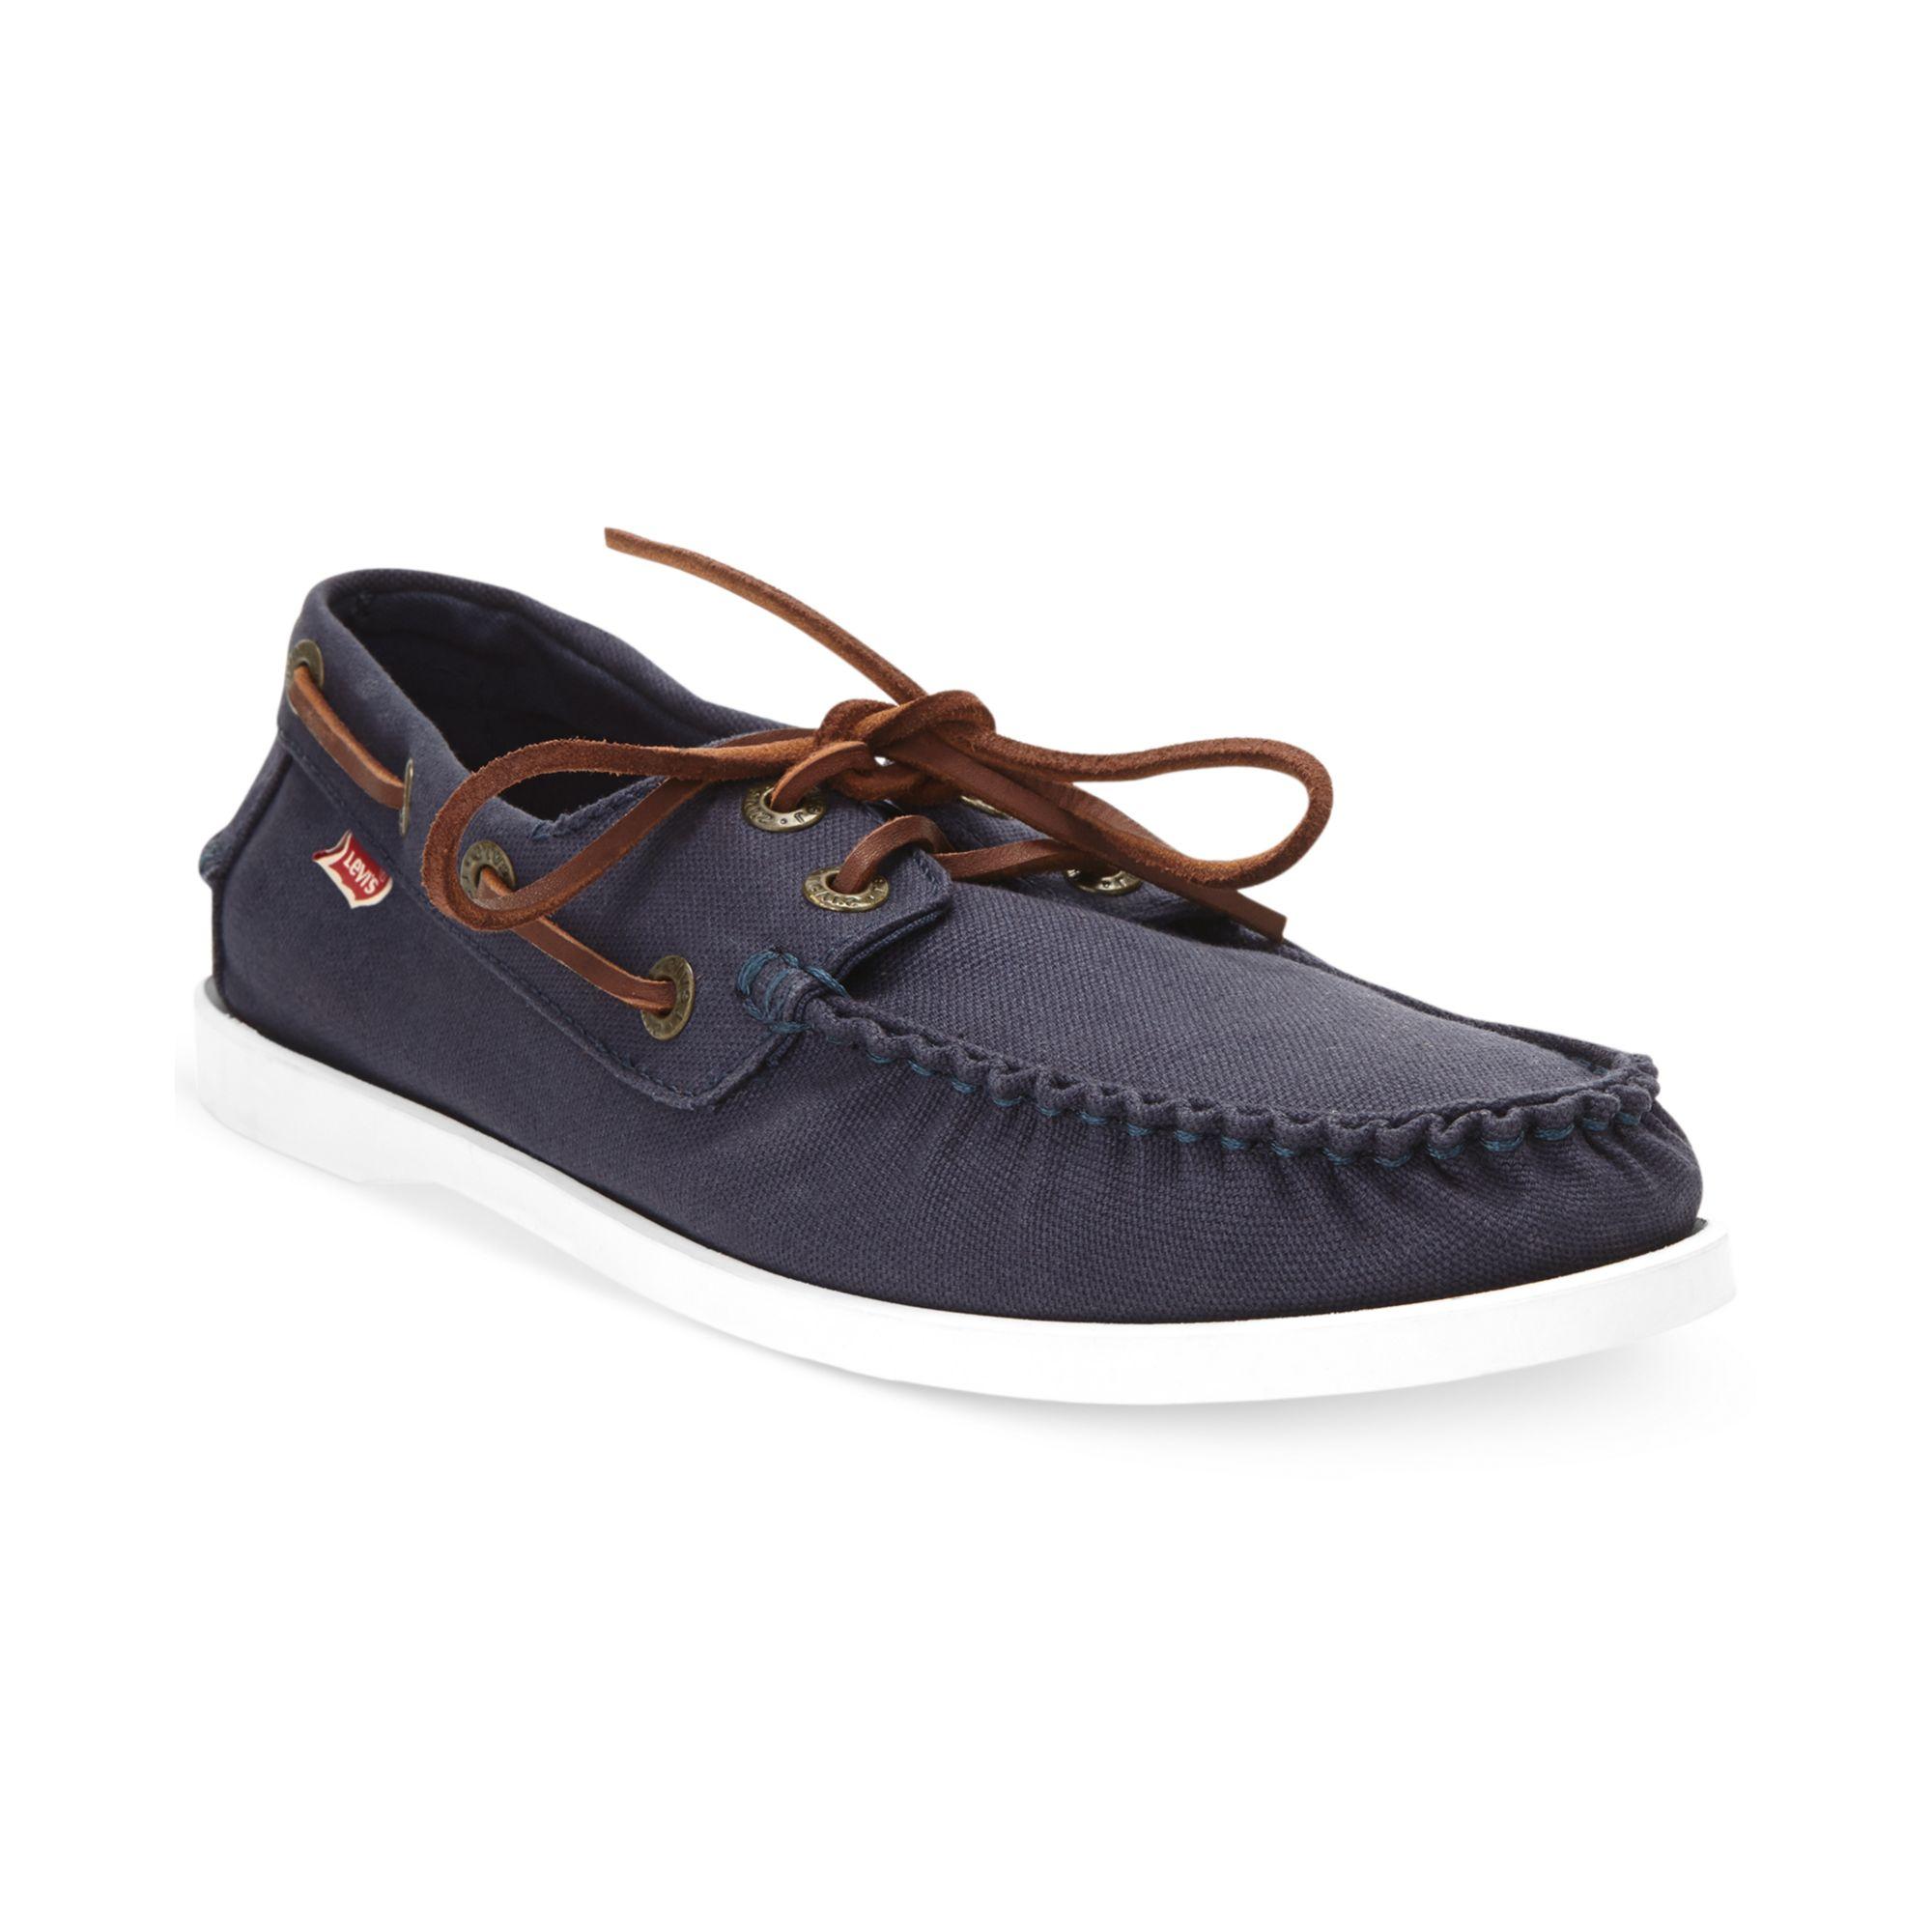 Eastland shoes